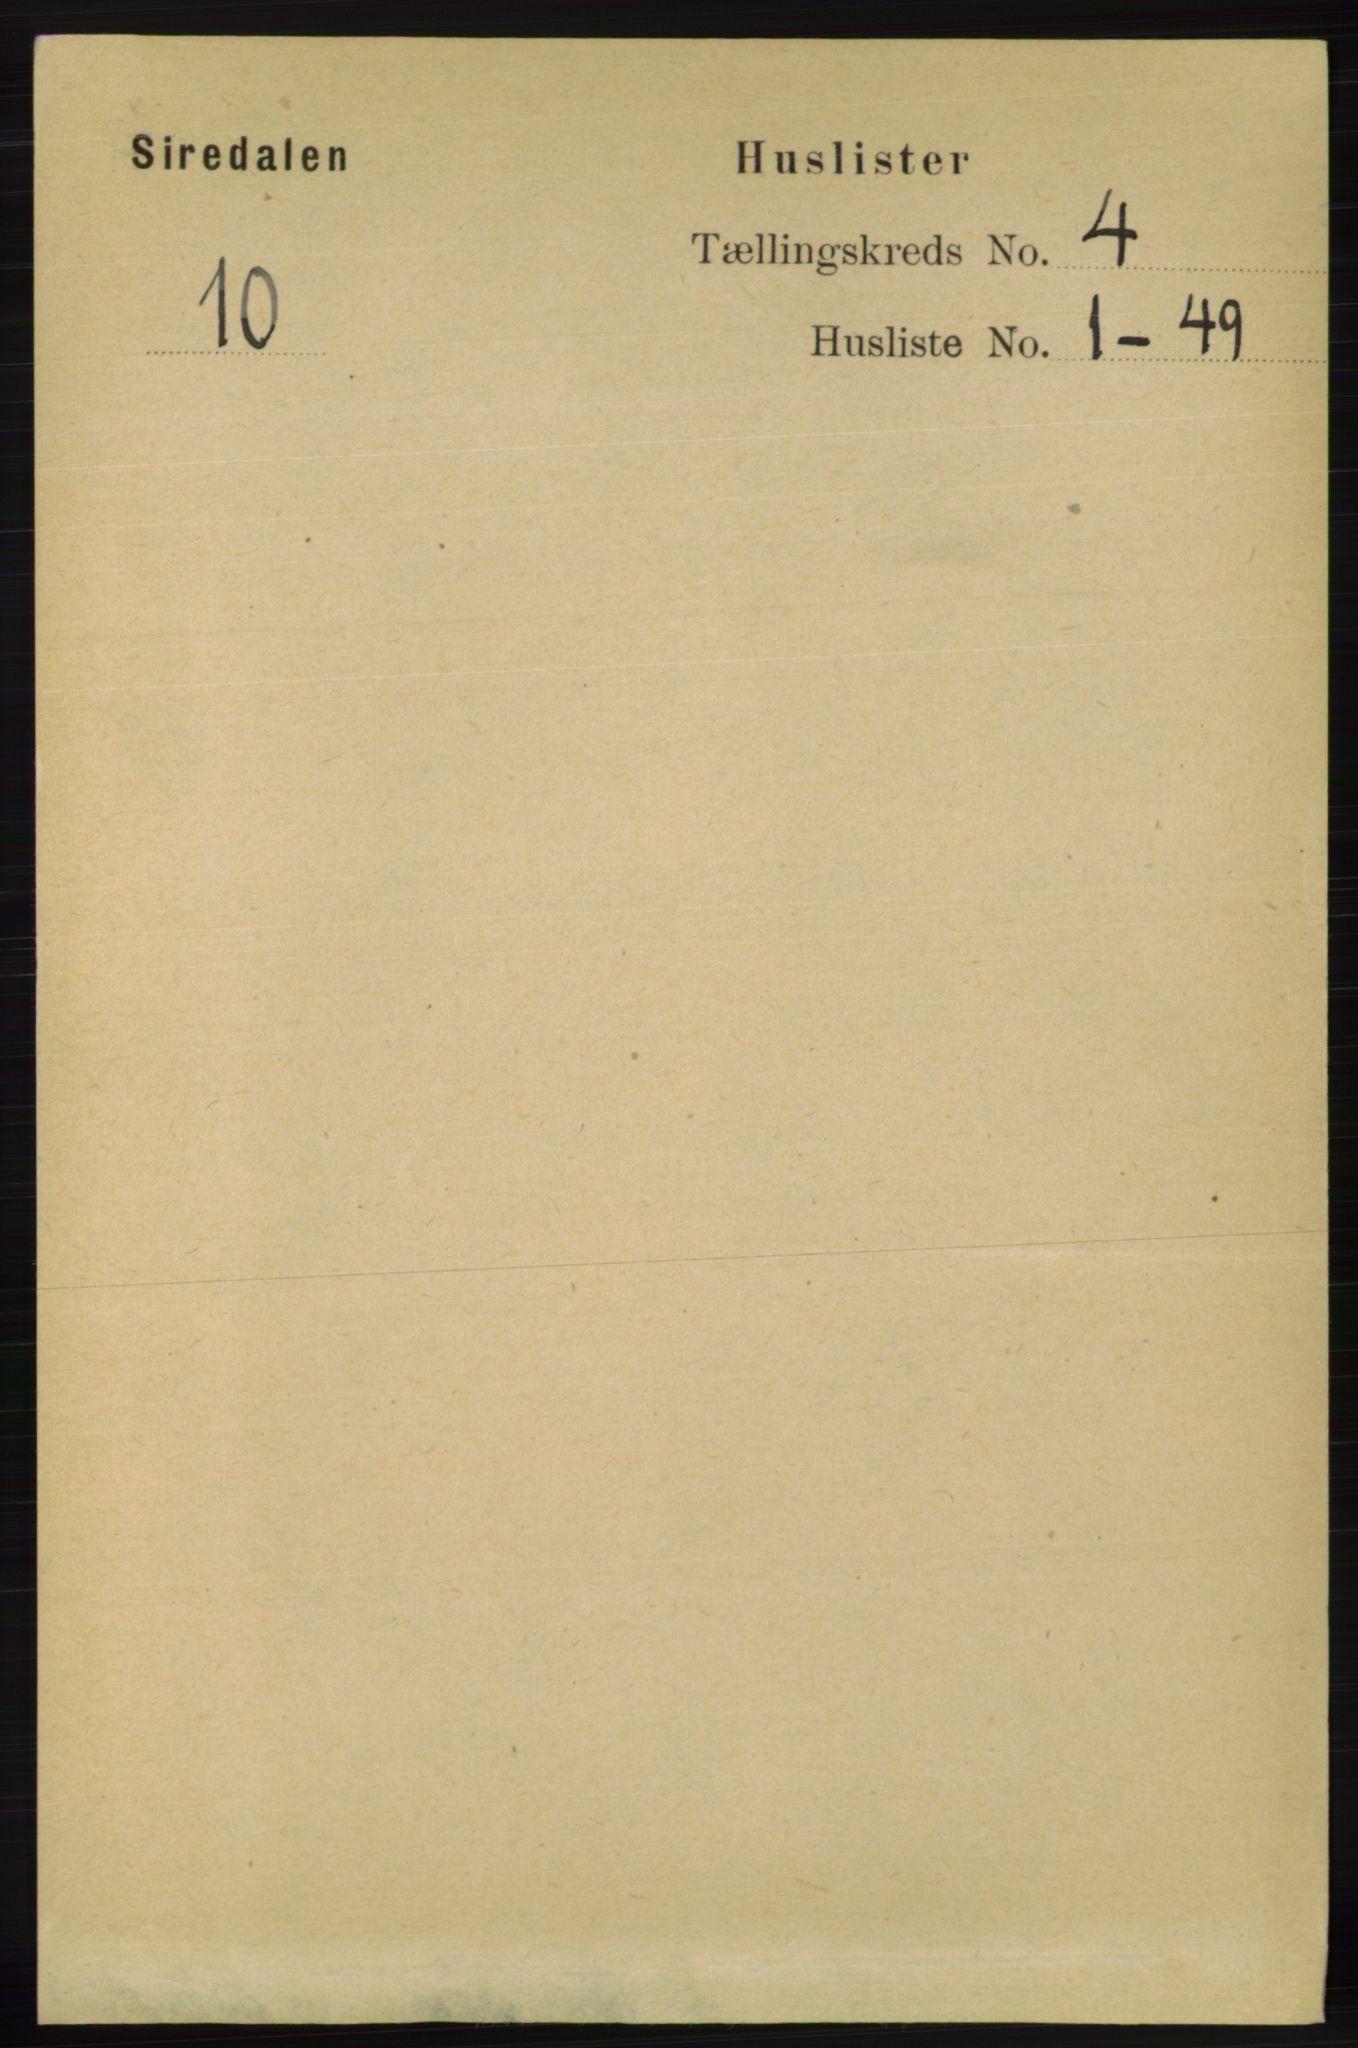 RA, Folketelling 1891 for 1046 Sirdal herred, 1891, s. 883